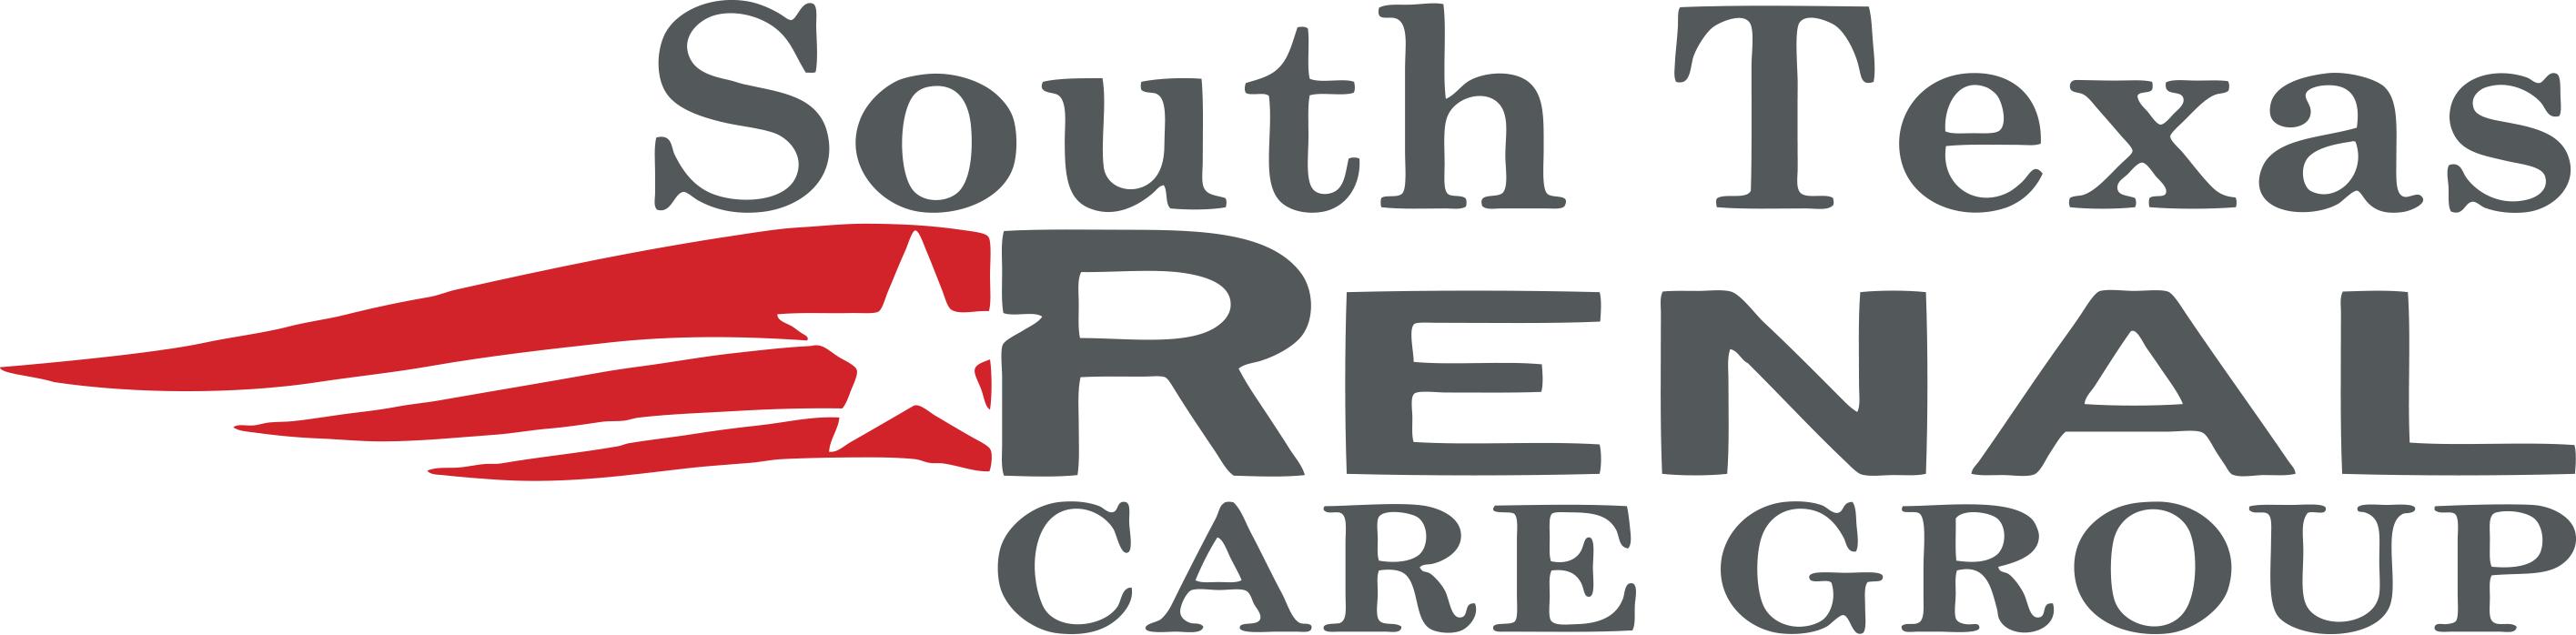 South Texas Renal Care Group logo